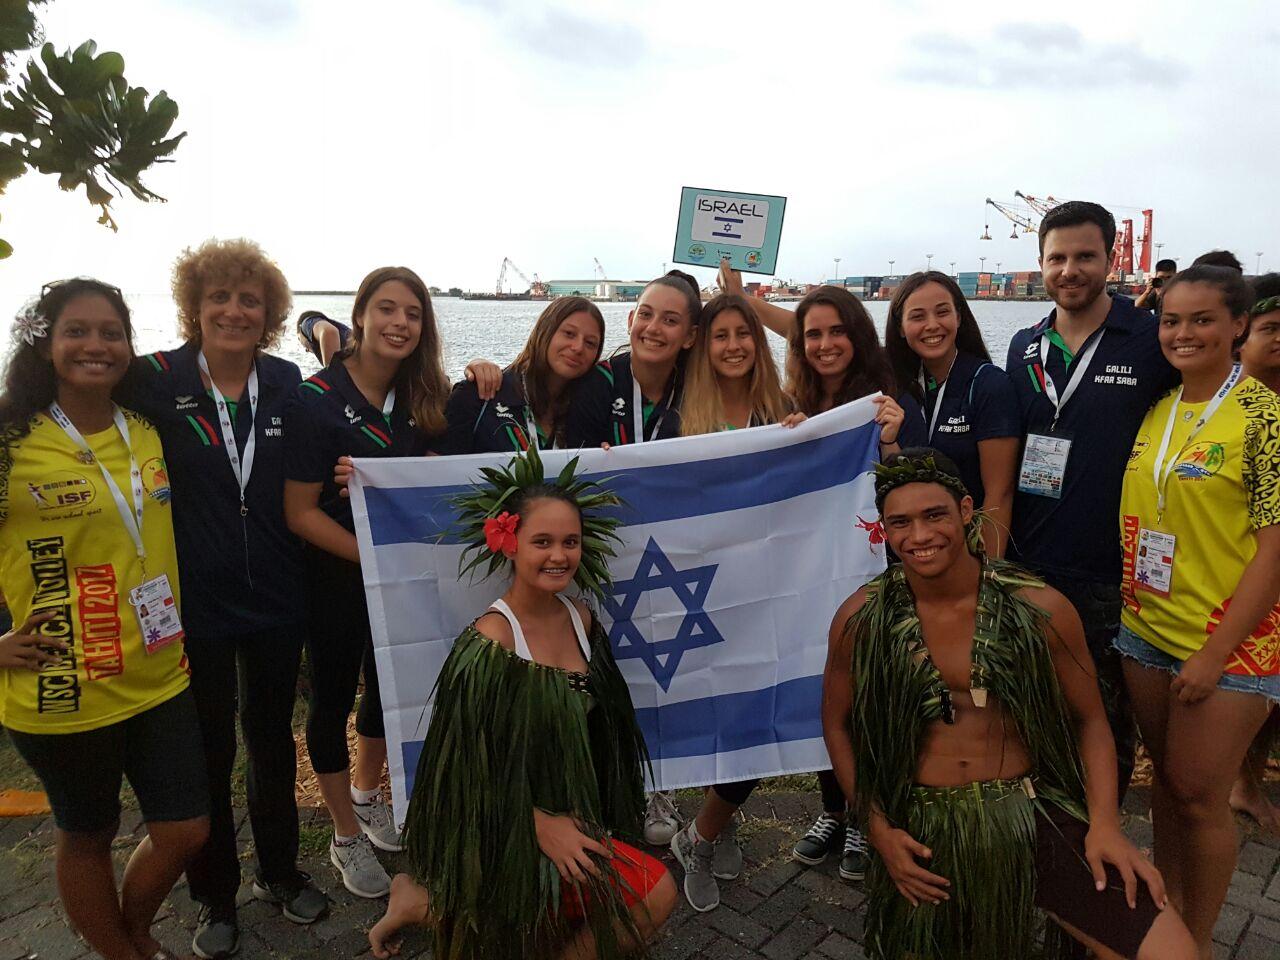 נבחרות גלילי כפר סבא באליפות העולם הכדורעף חופים בטהיטי